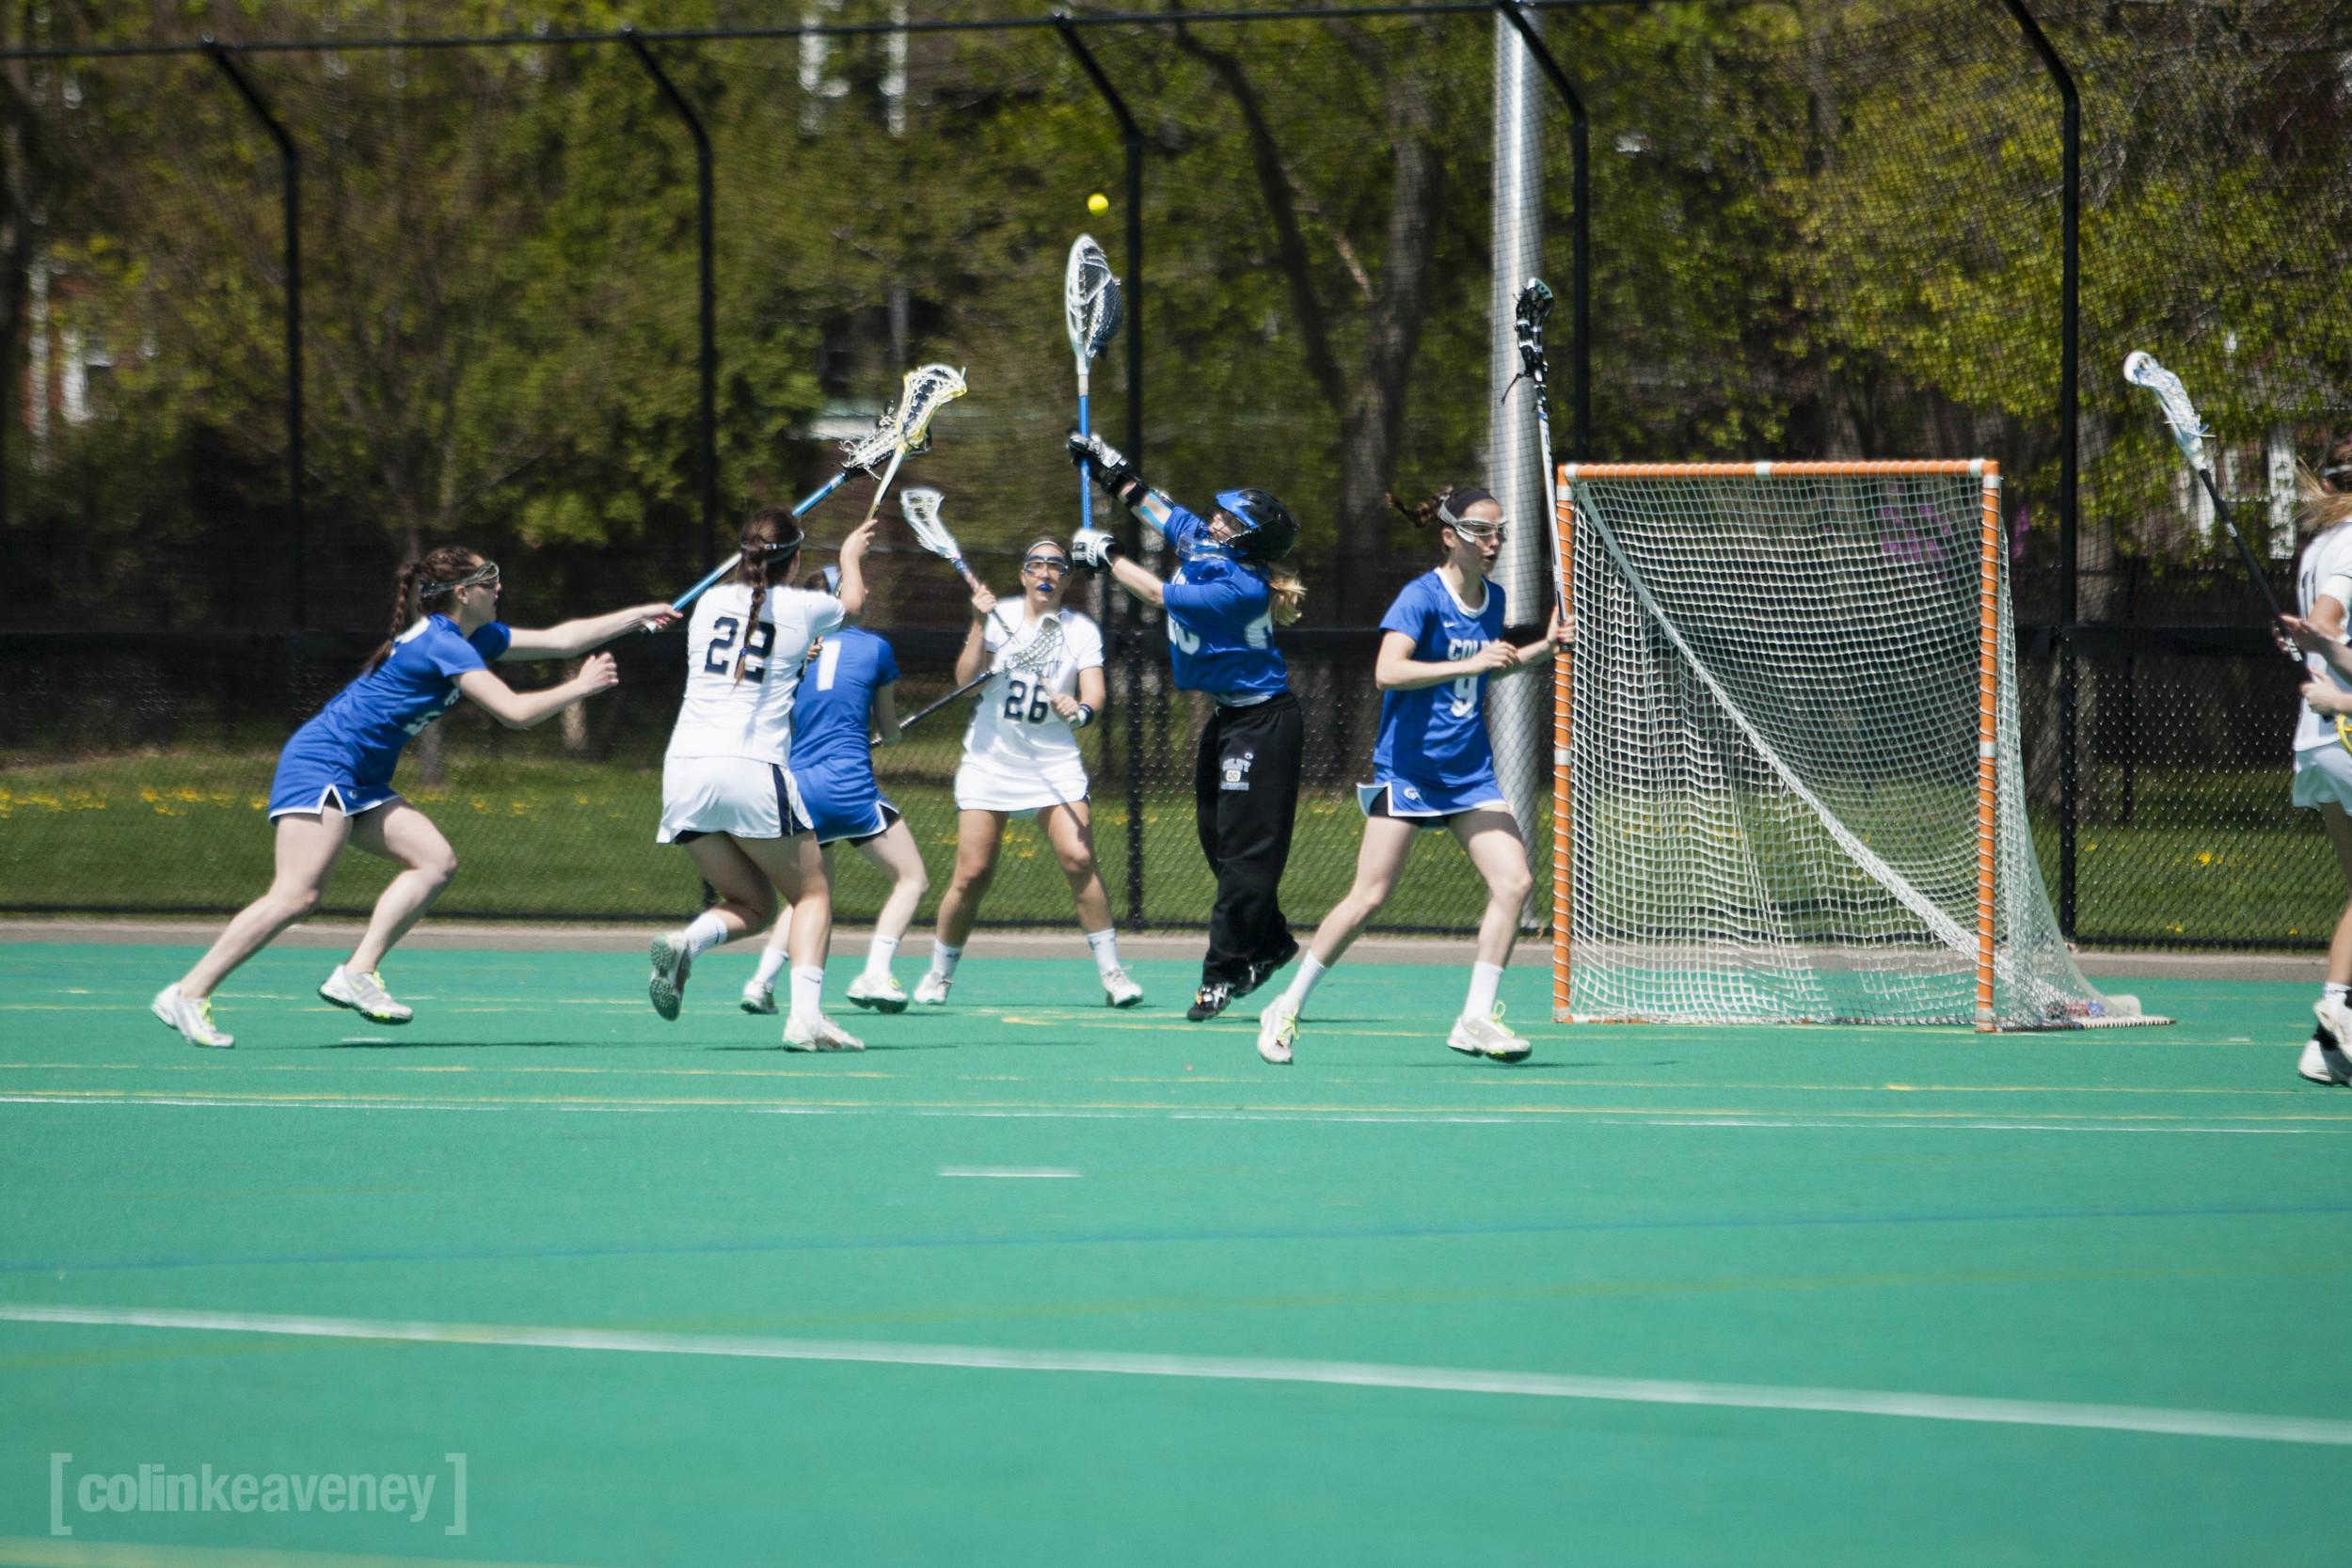 COLBY_lacrosse-5.jpg